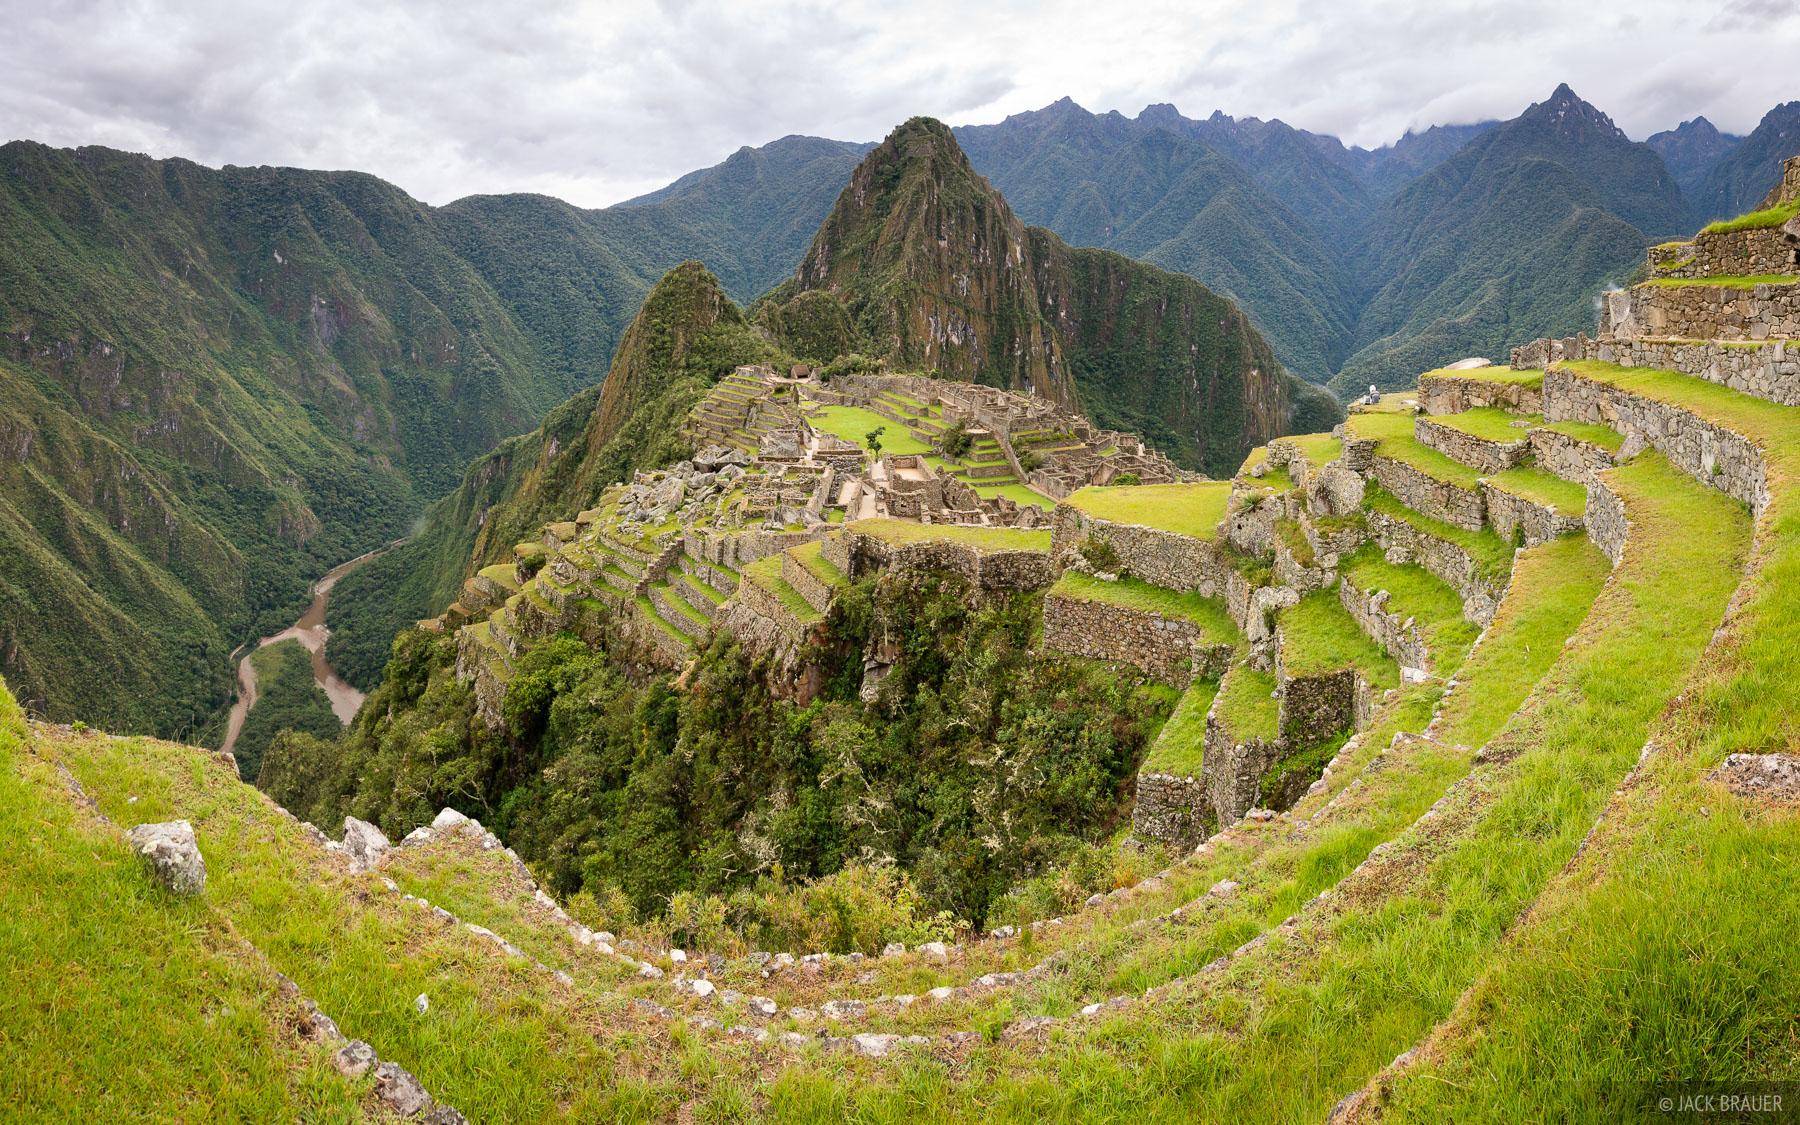 Incan terraces above Macchu Picchu.